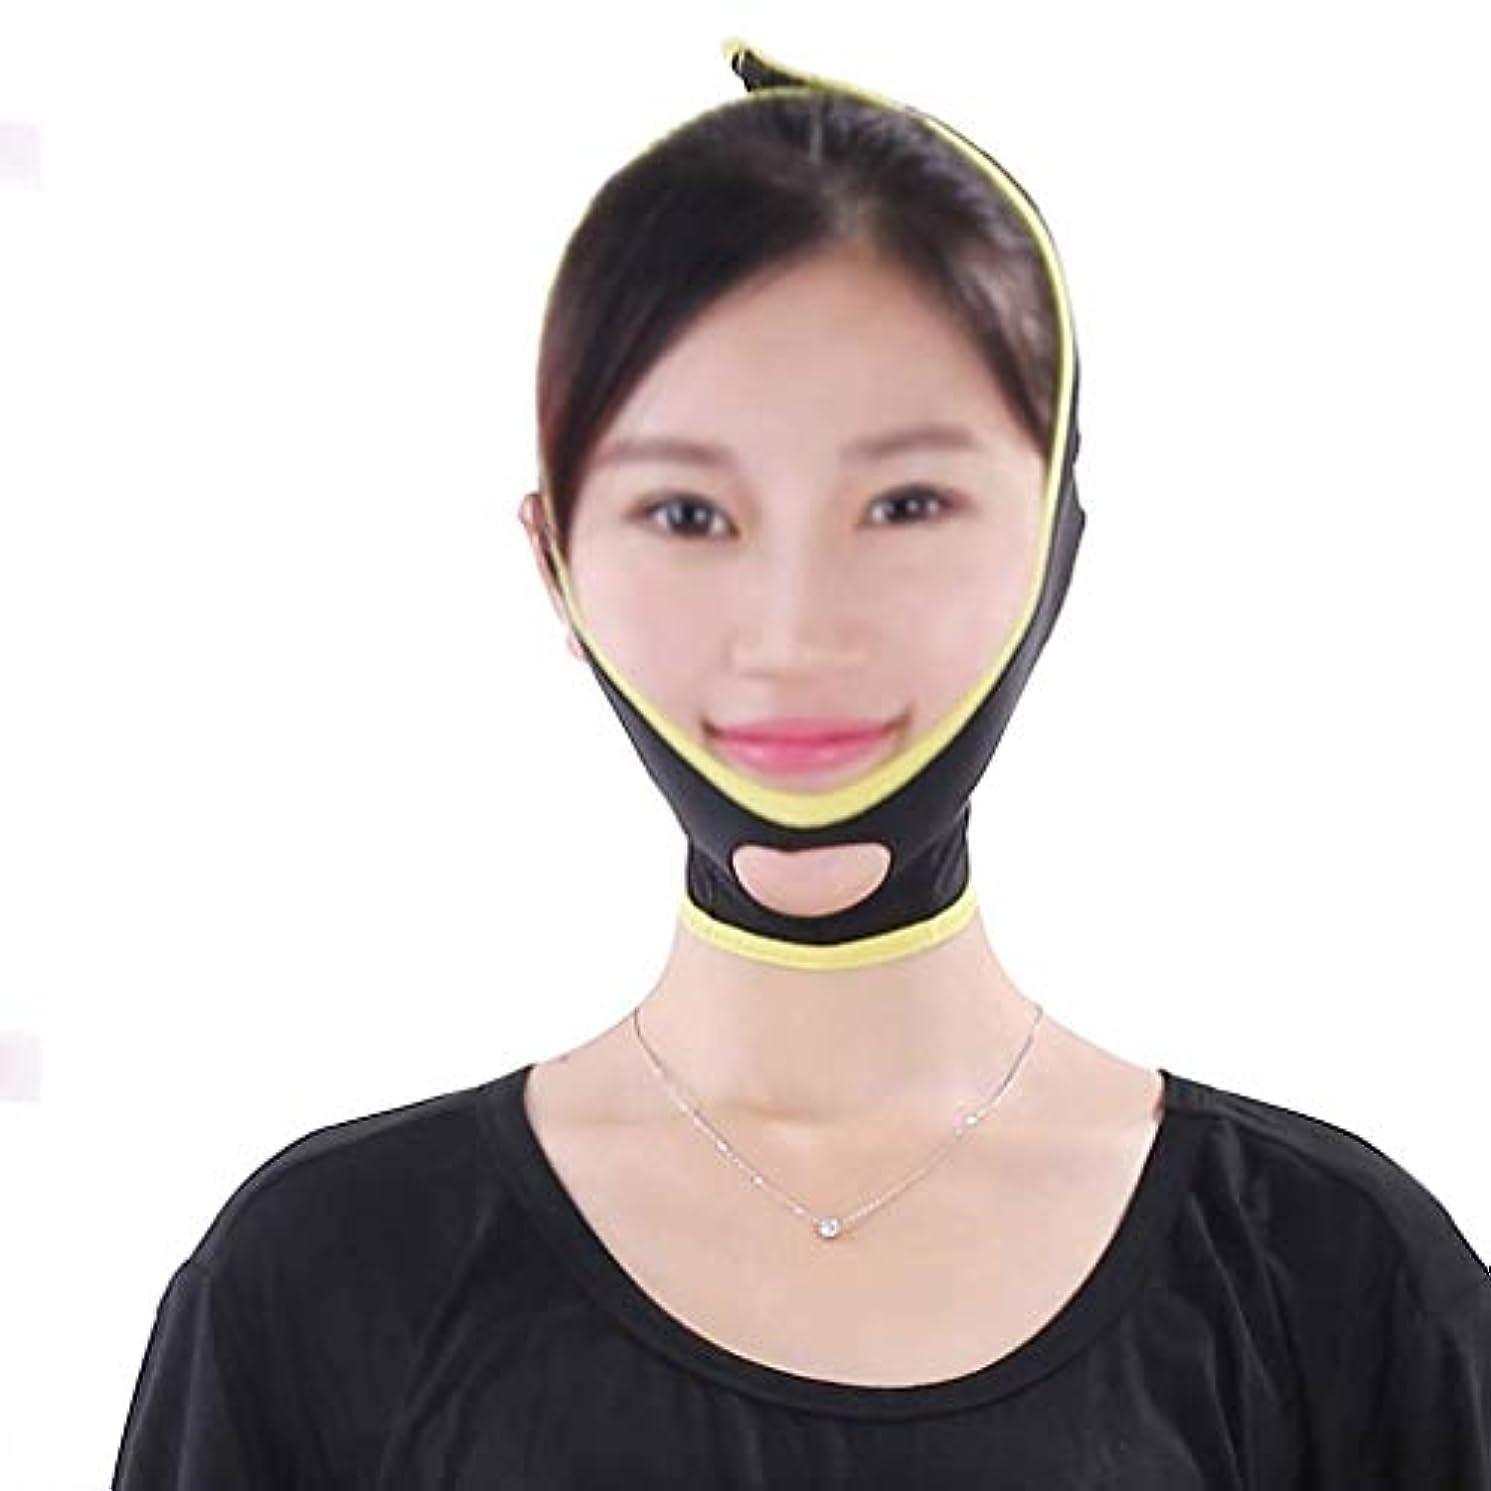 マッシュ有名応答顔のマスク、男性と女性の顔を持ち上げるアーティファクト包帯美容リフティングファーミングサイズVフェイスダブルチンスリープマスク埋め込みシルクカービングスリミングベルト(サイズ:L)